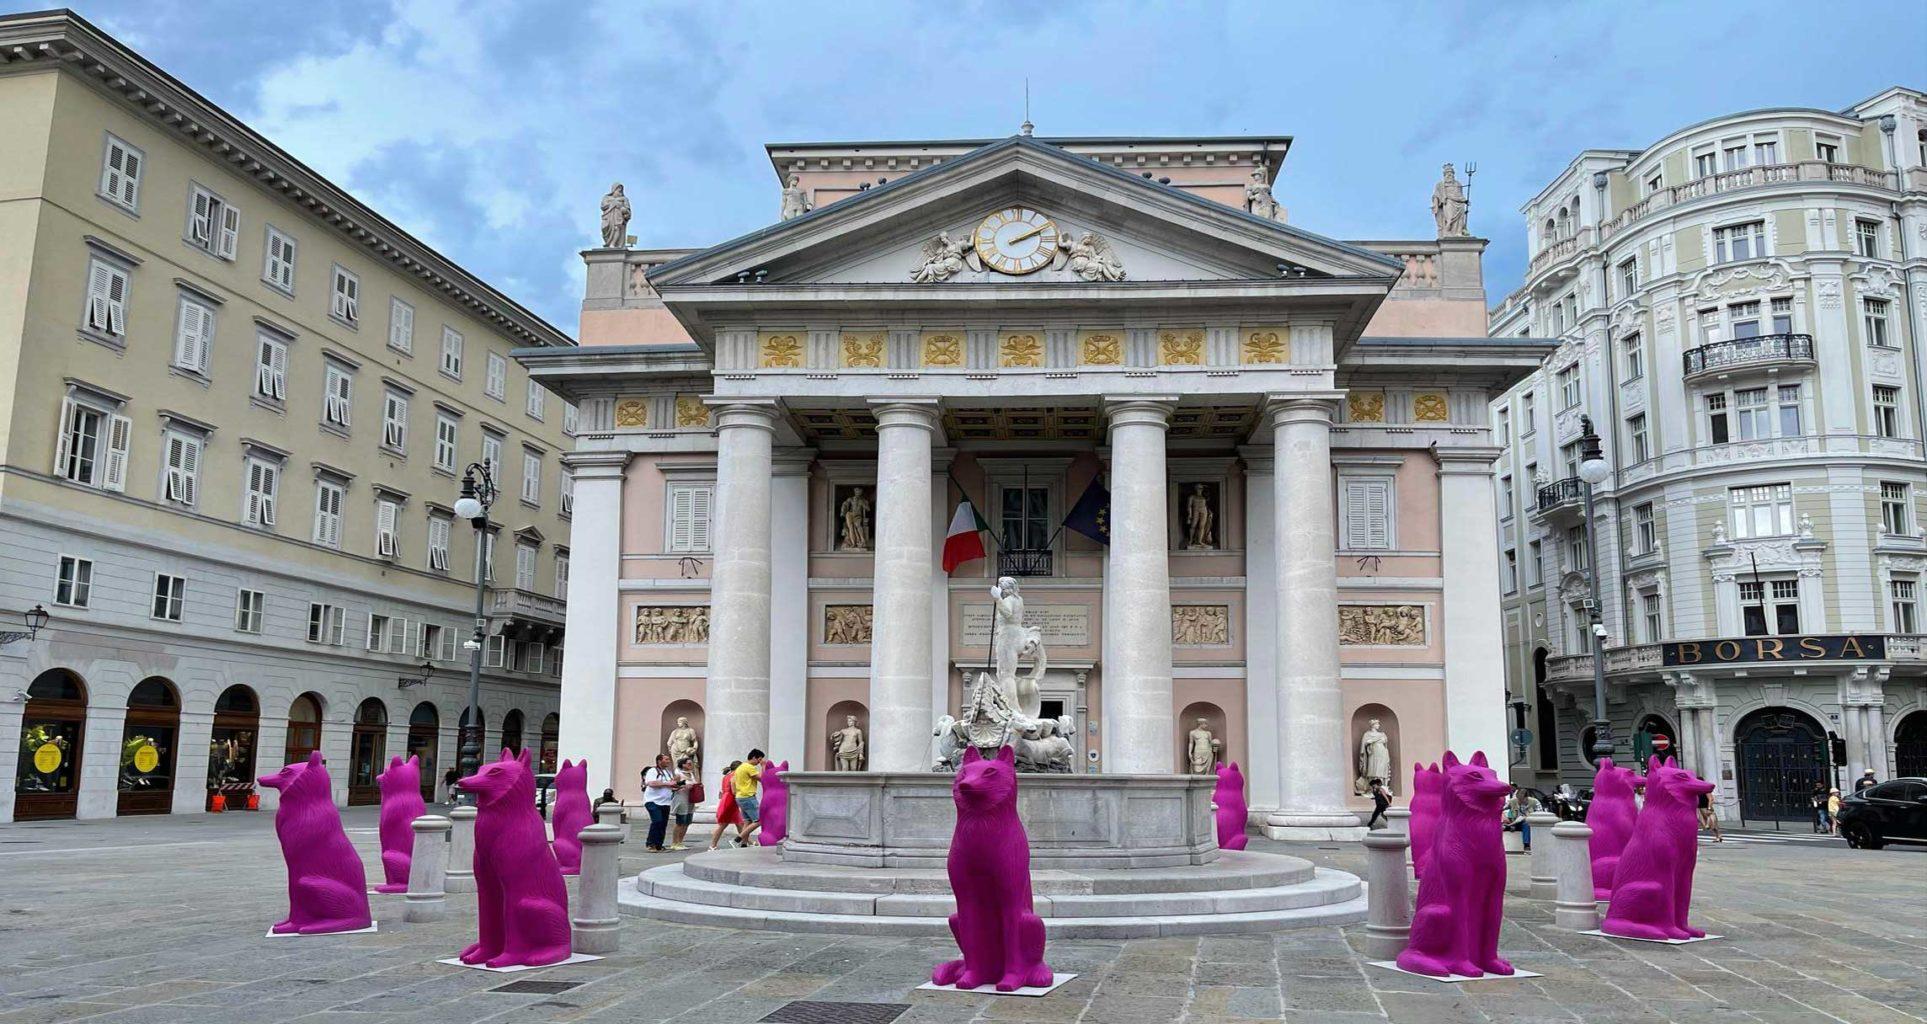 cracking art piazza della Borsa Trieste